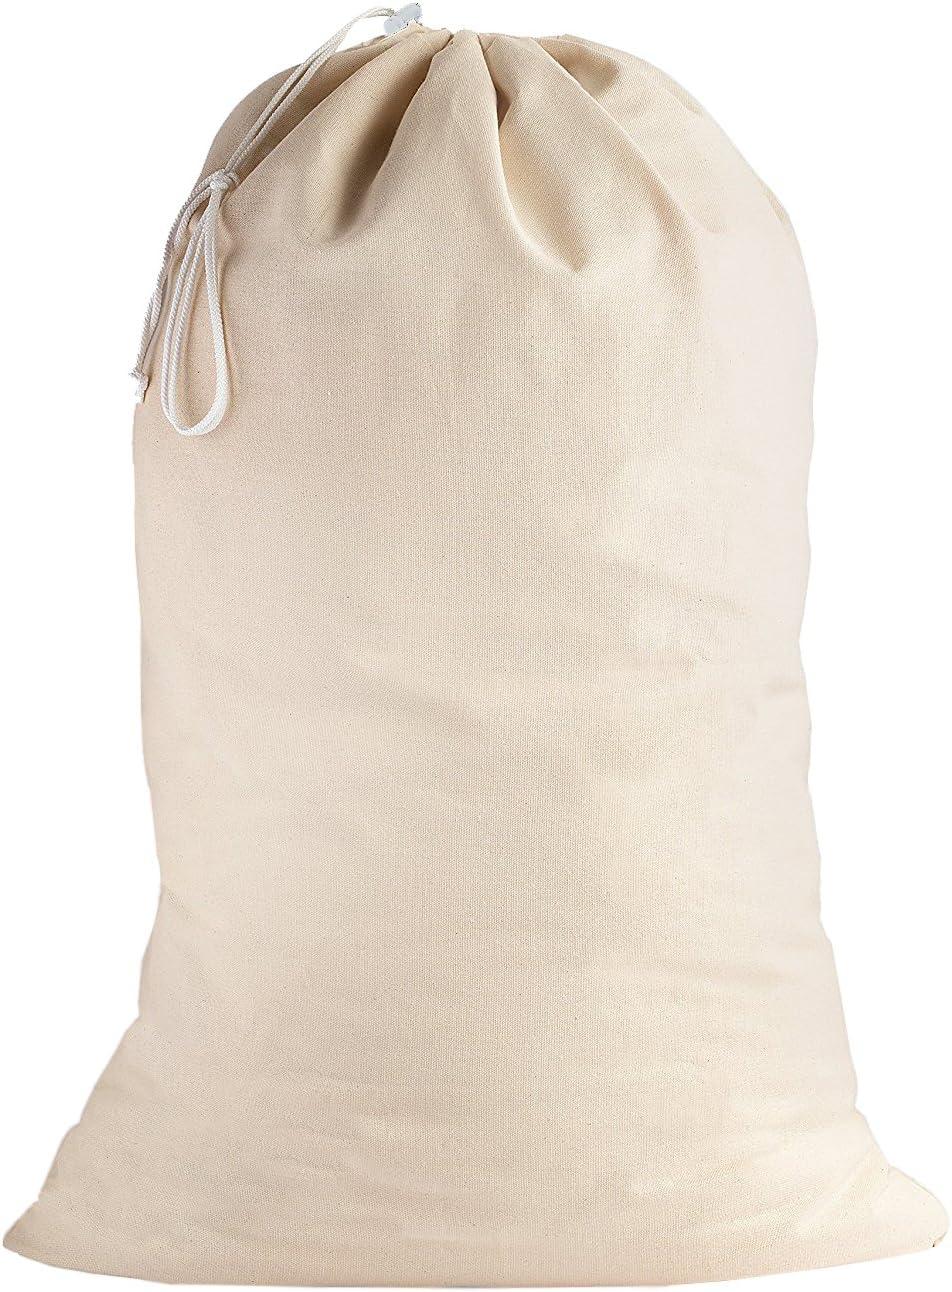 SweetNeedle - 100% algodón Bolsas de lavandería Extra Grandes y Deber Pesadas en Color Natural - 71 CM x 91 CM (28 IN x 36 IN) - Muy duraderas, con cordón, Lavables a máquina y Reutilizables